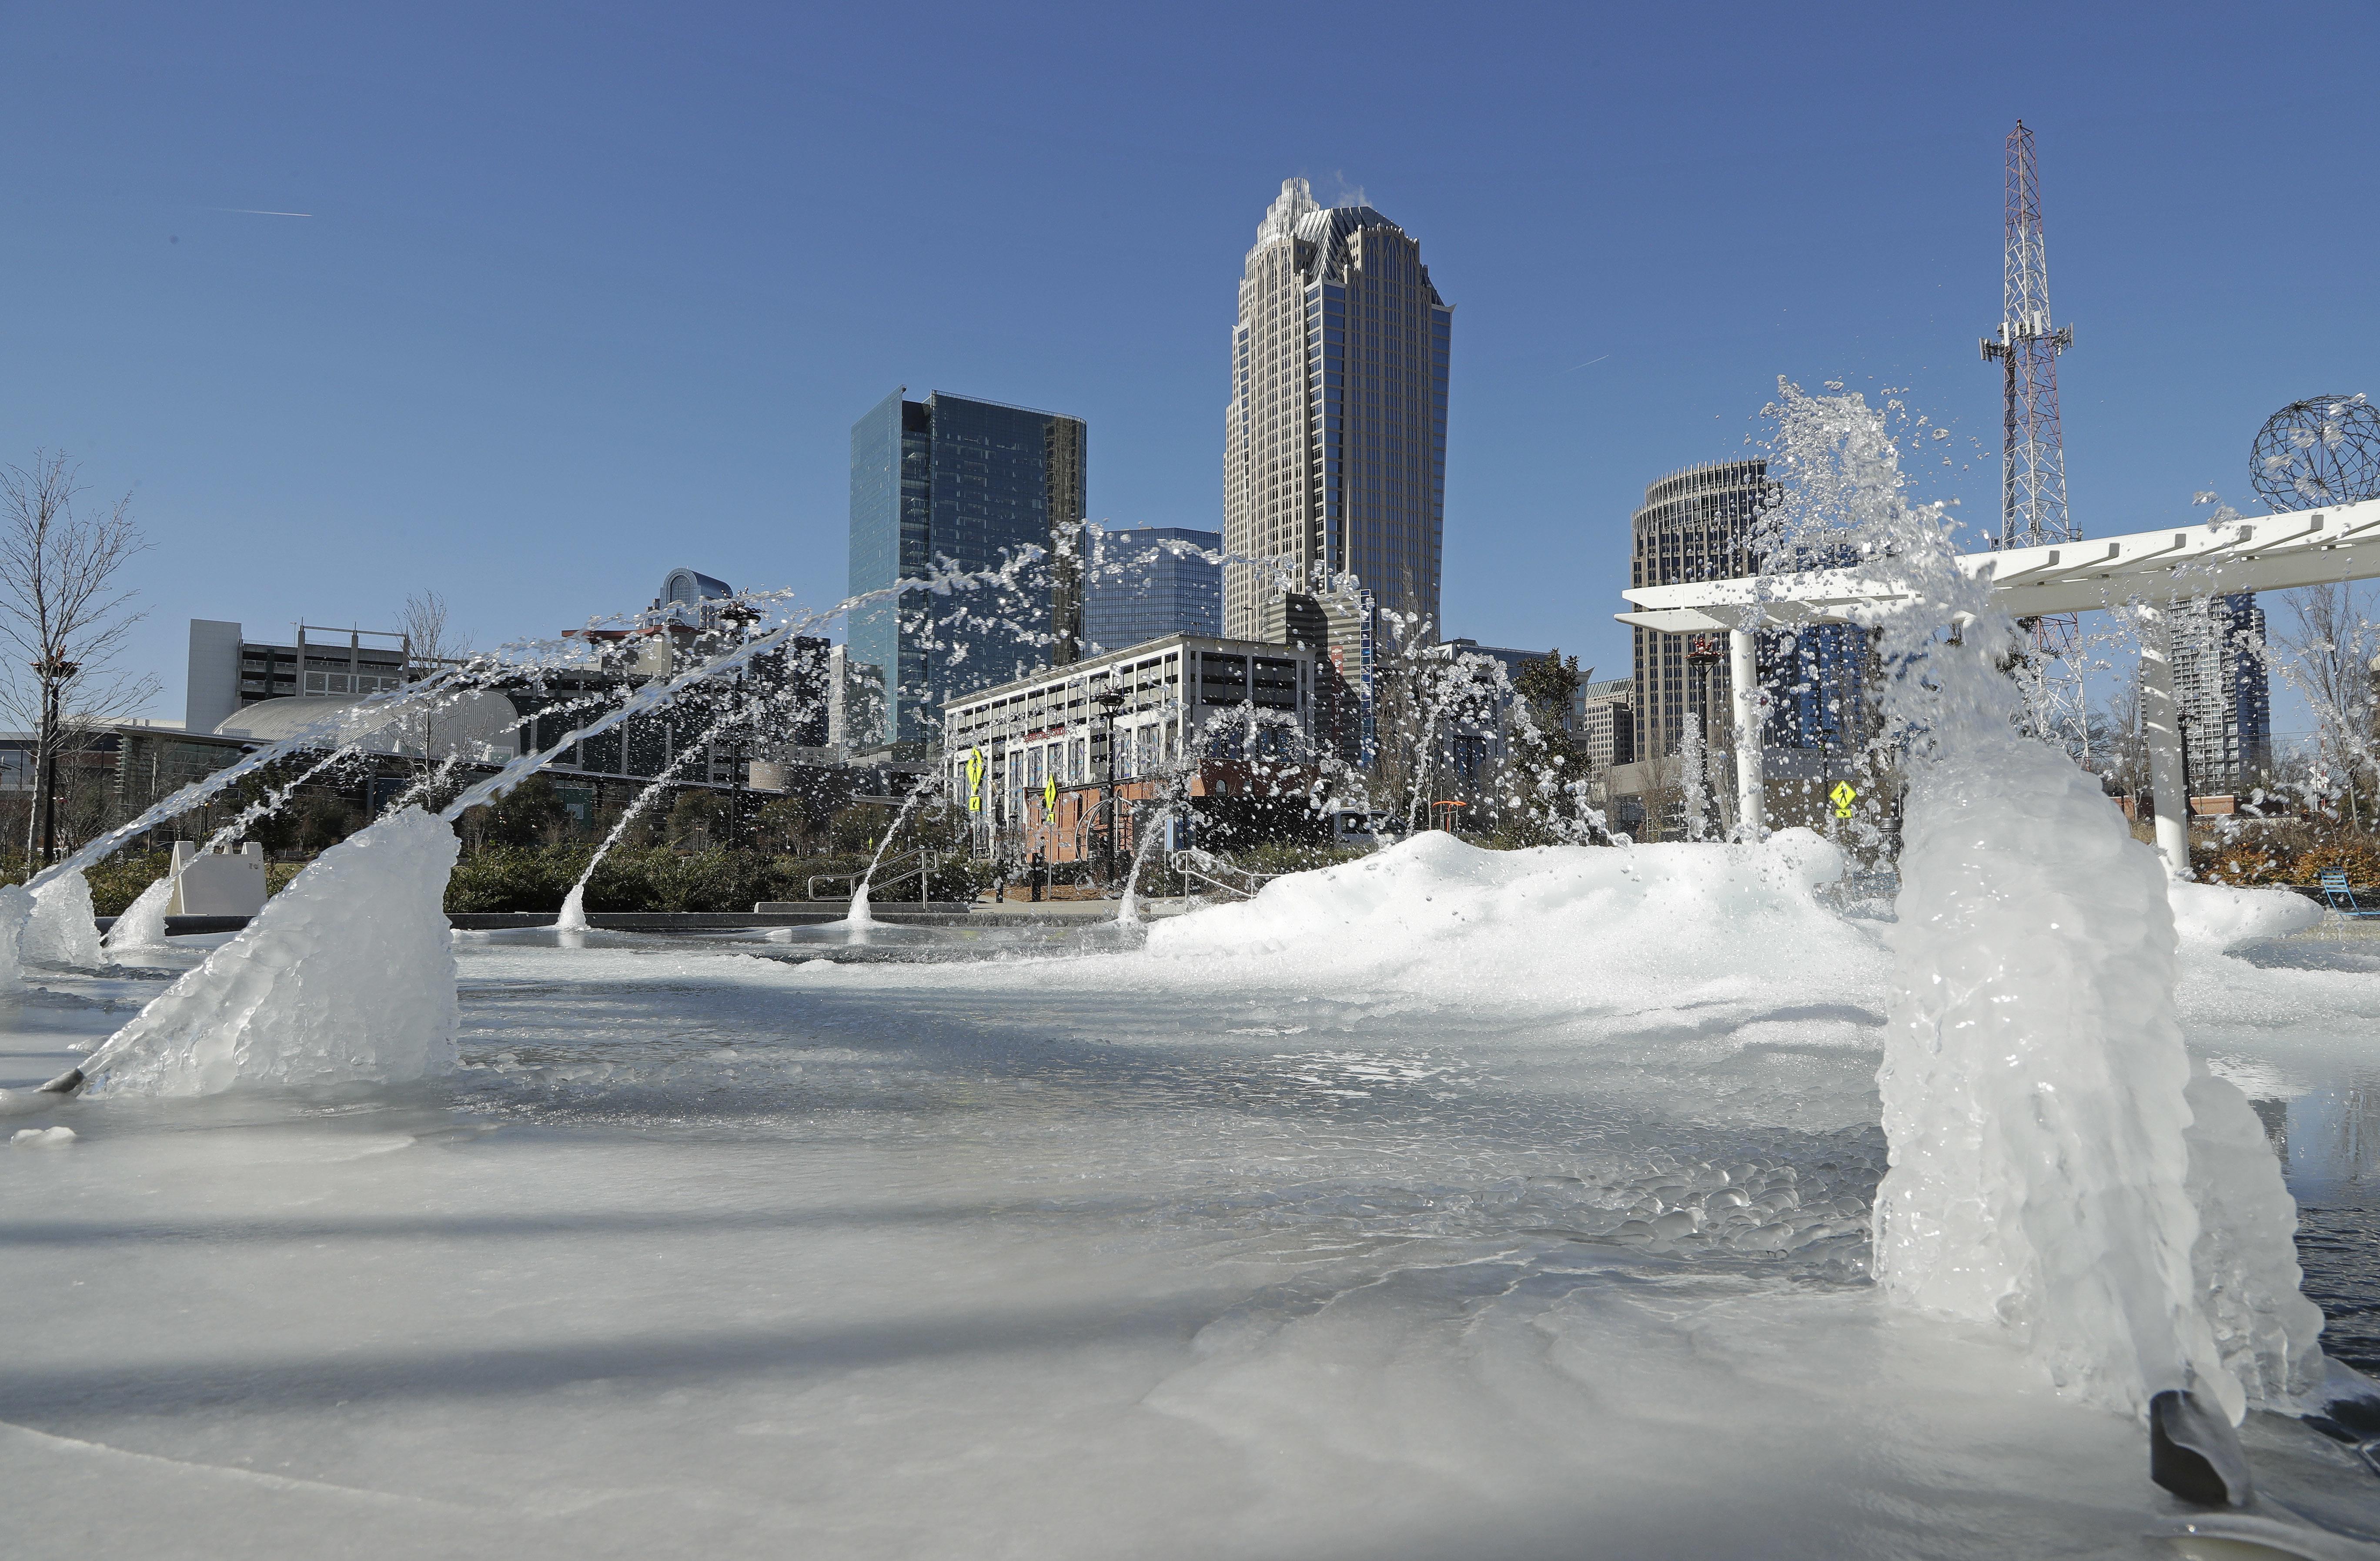 Deep Freeze Deep South, Charlotte, USA - 02 Jan 2018